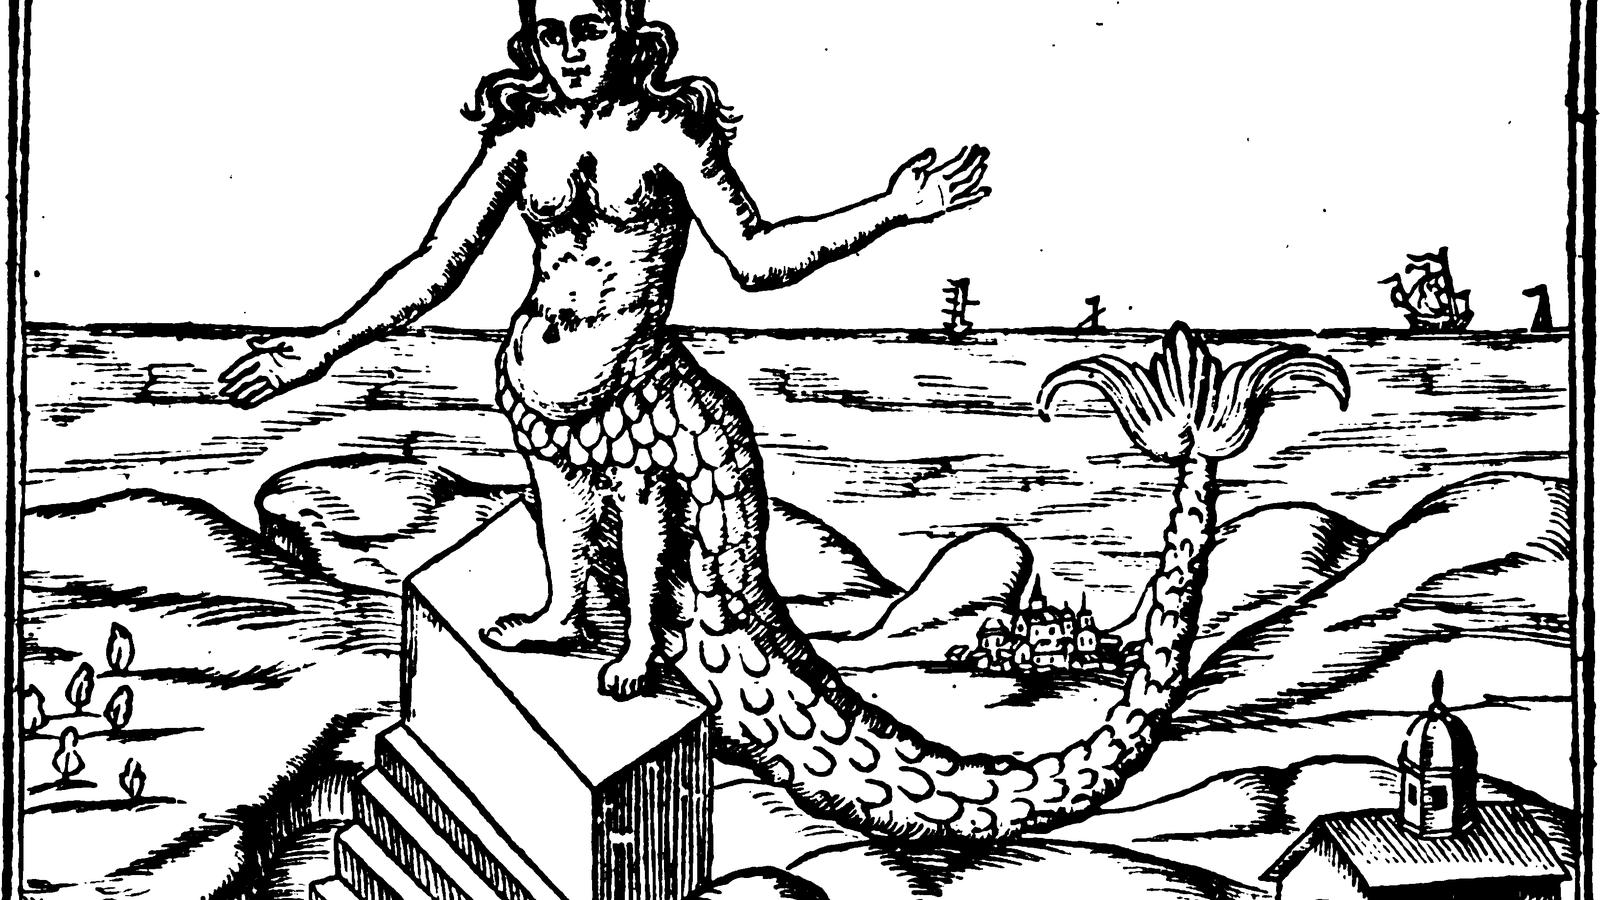 Derceto, from Athanasius Kircher, Oedipus Aegyptiacus, 1652.